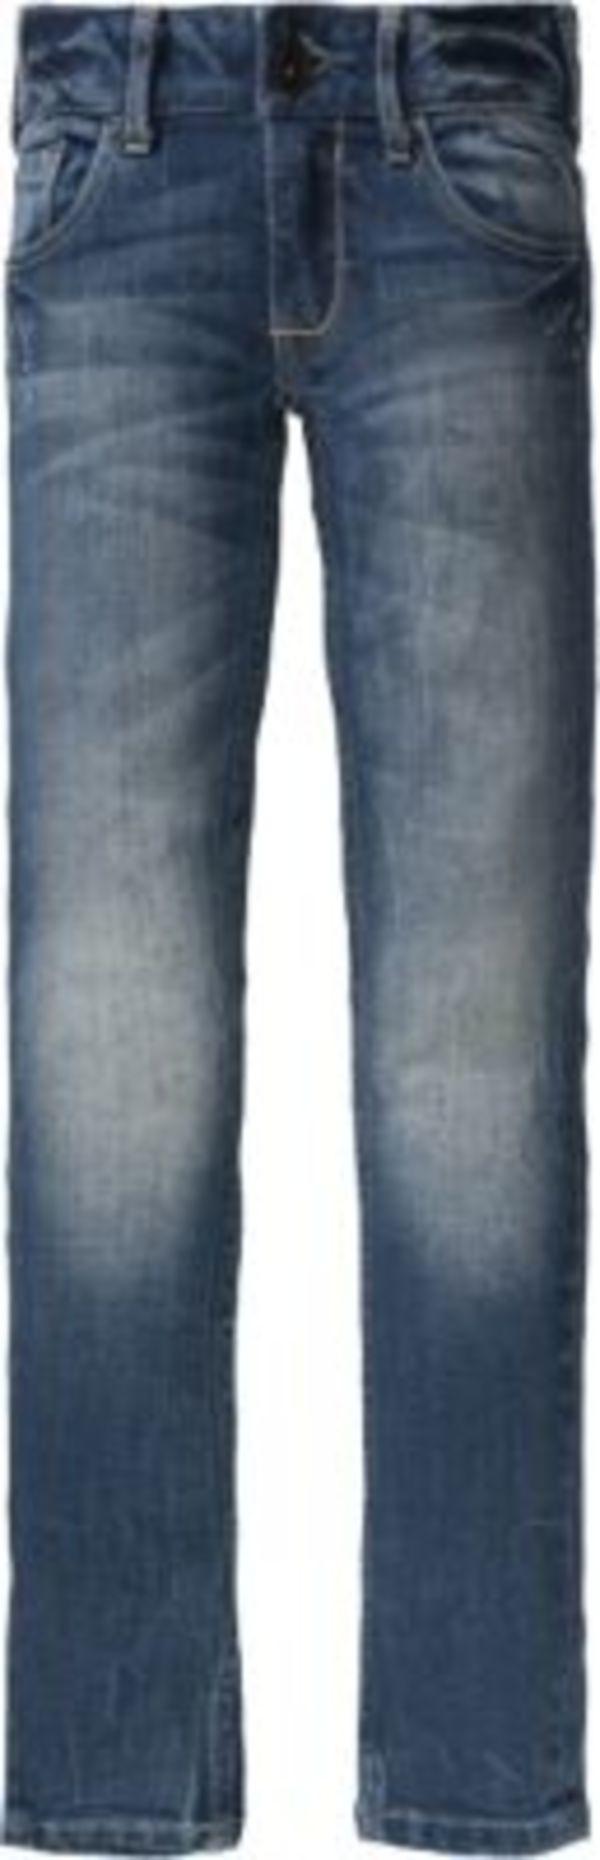 Jeans AMAYKA Skinny Gr. 158 Mädchen Kinder